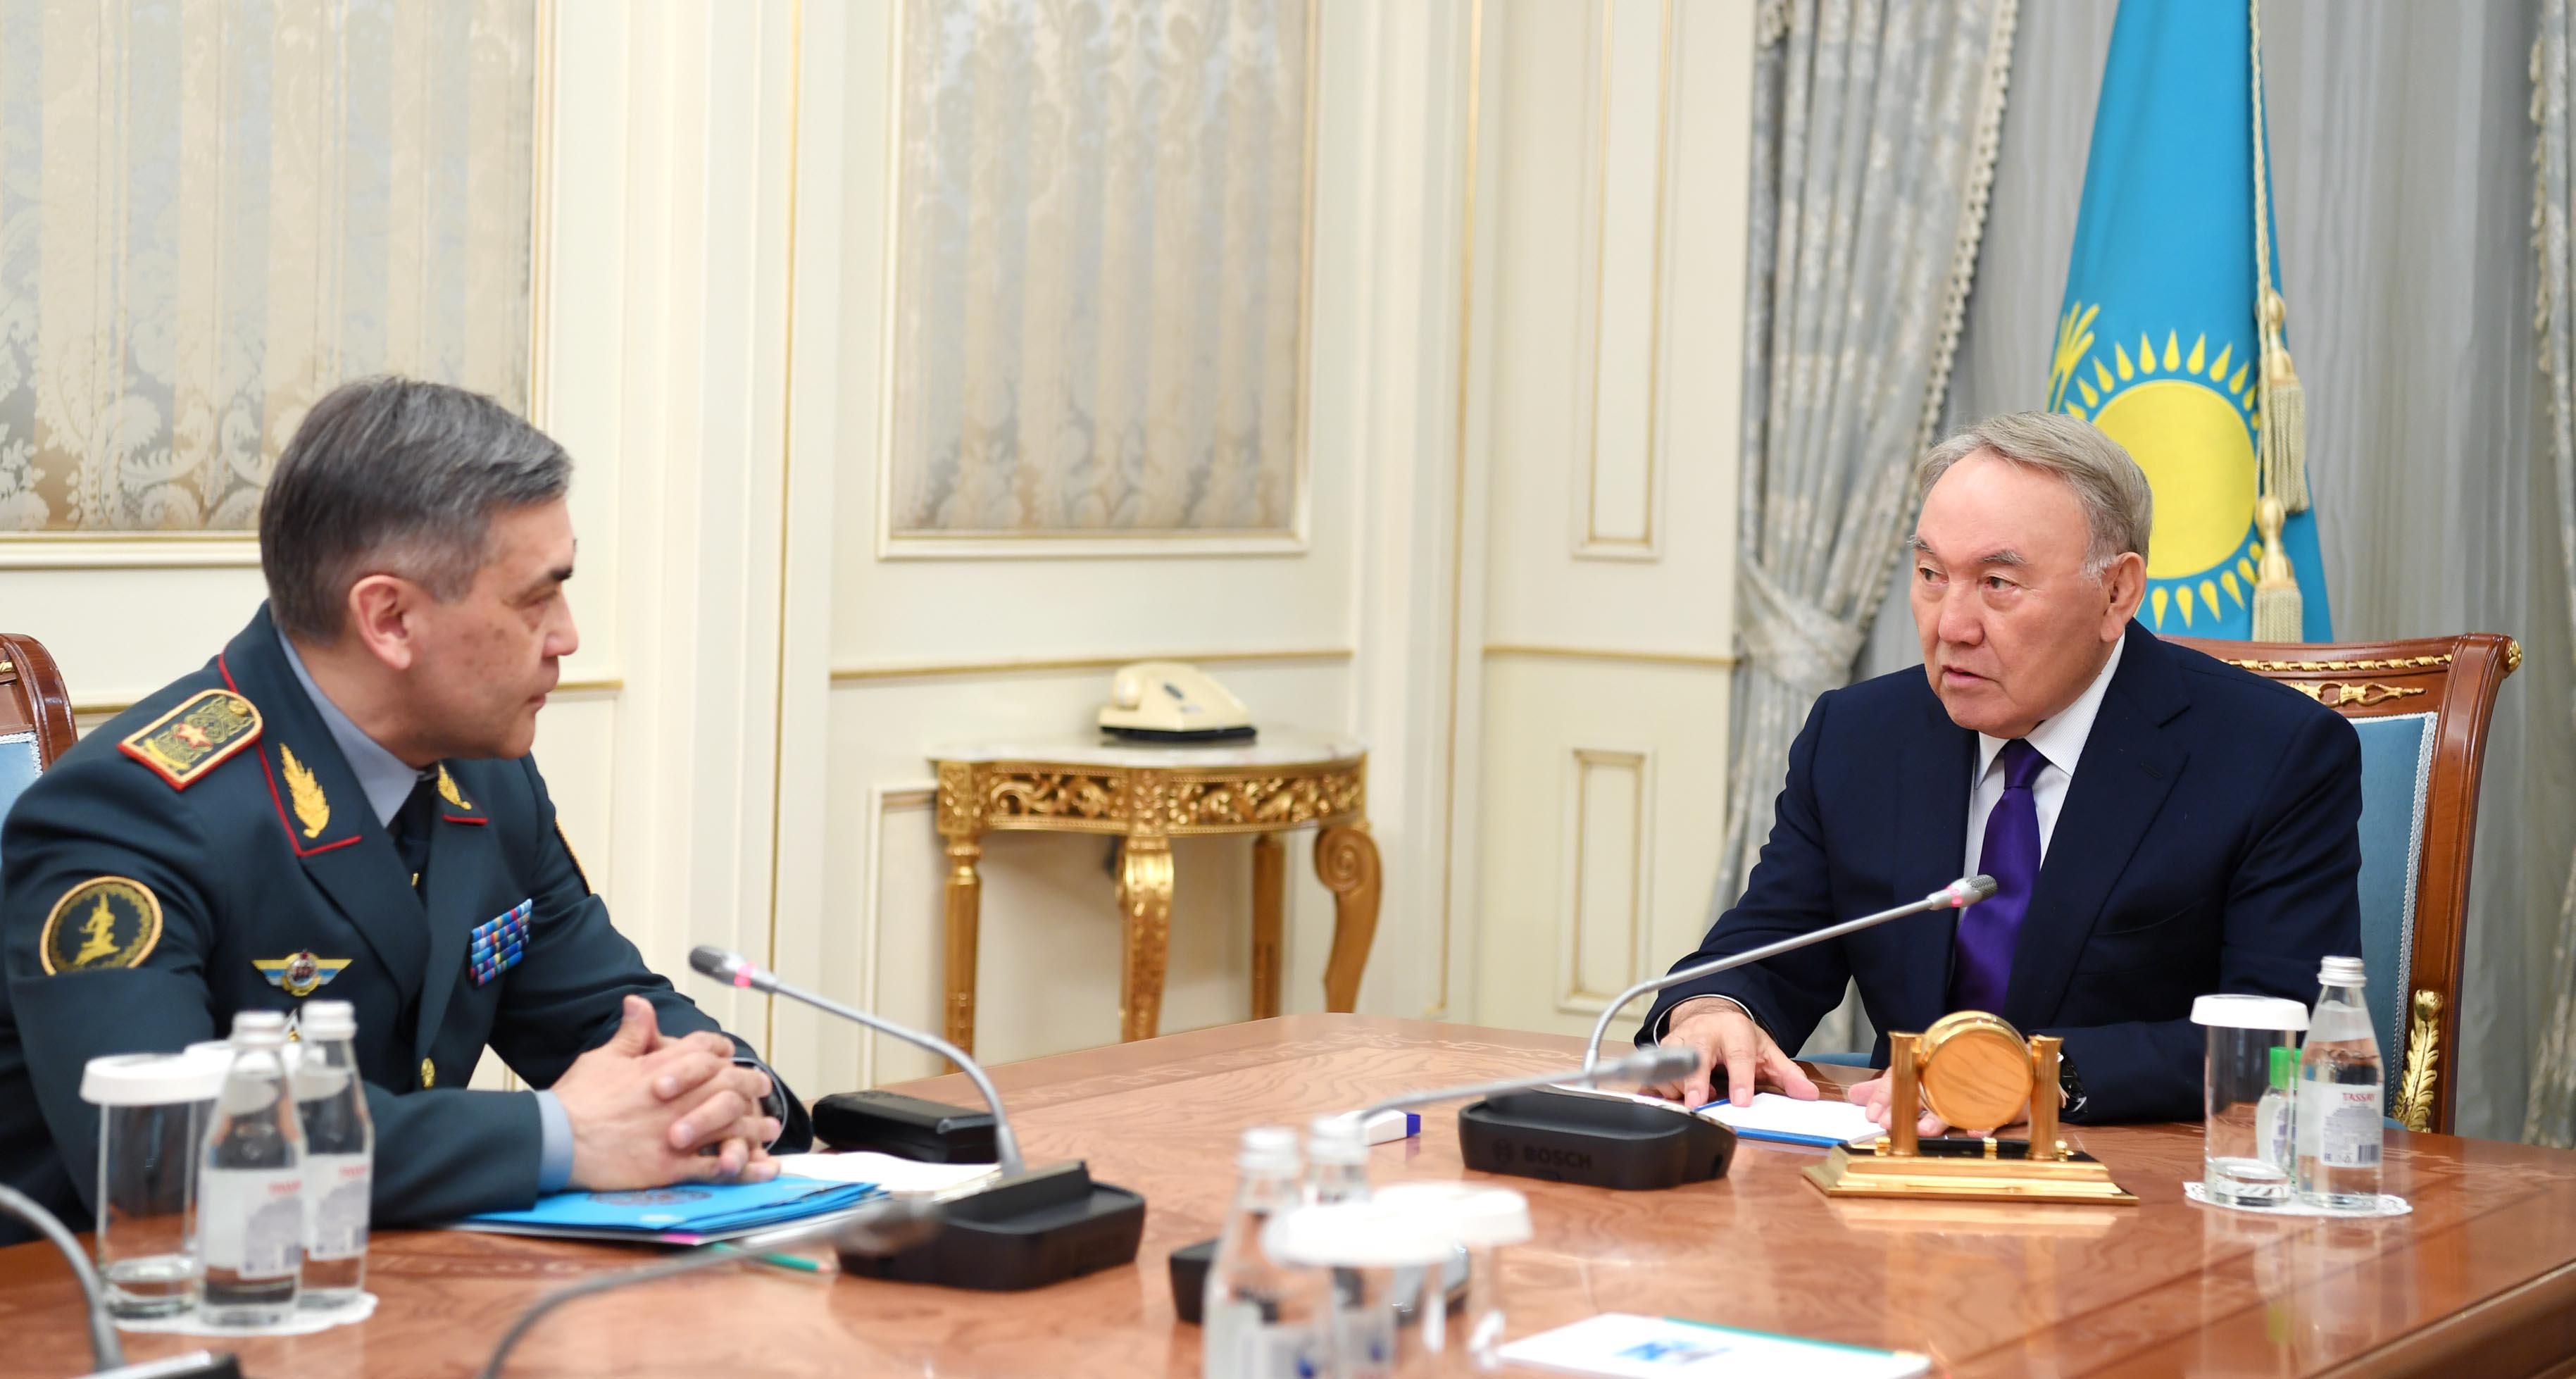 Нурсултан Назарбаев принял министра обороны Нурлана Ермекбаева